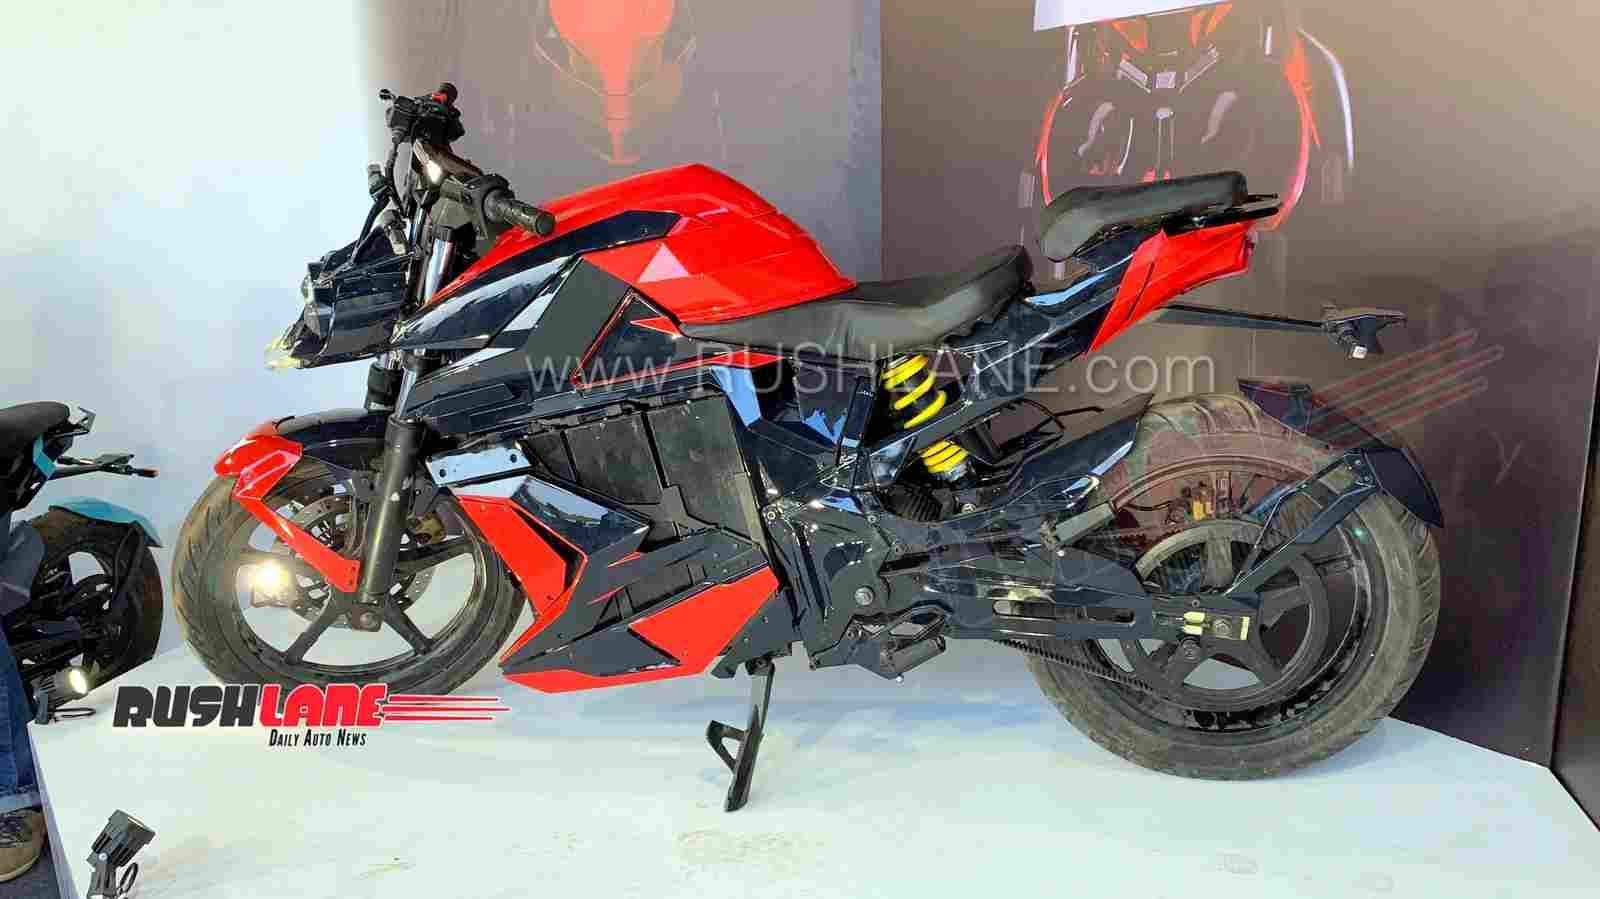 Mantis electric bike IBW 2019